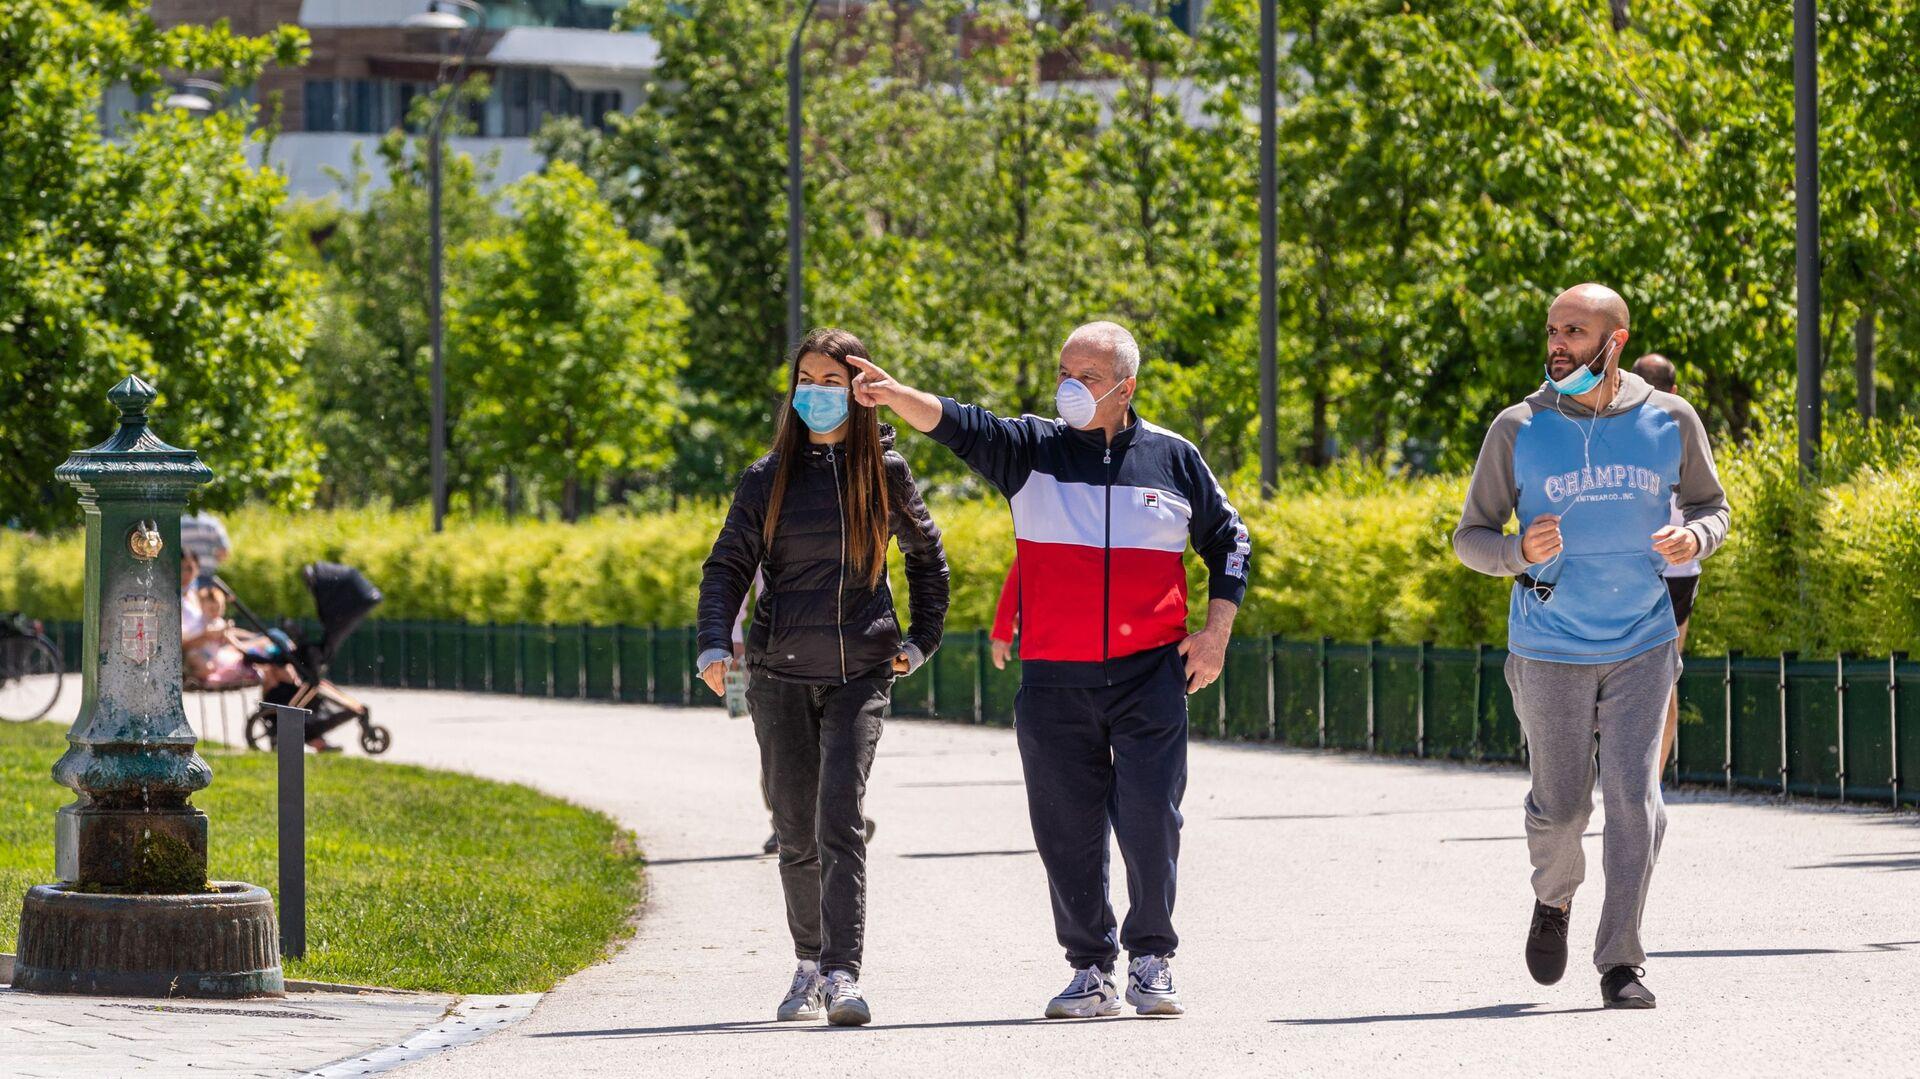 Gli italiani passeggiano per un parco a Milano dopo l'l'allentamento delle misure anti-Covidлана - Sputnik Italia, 1920, 01.07.2021